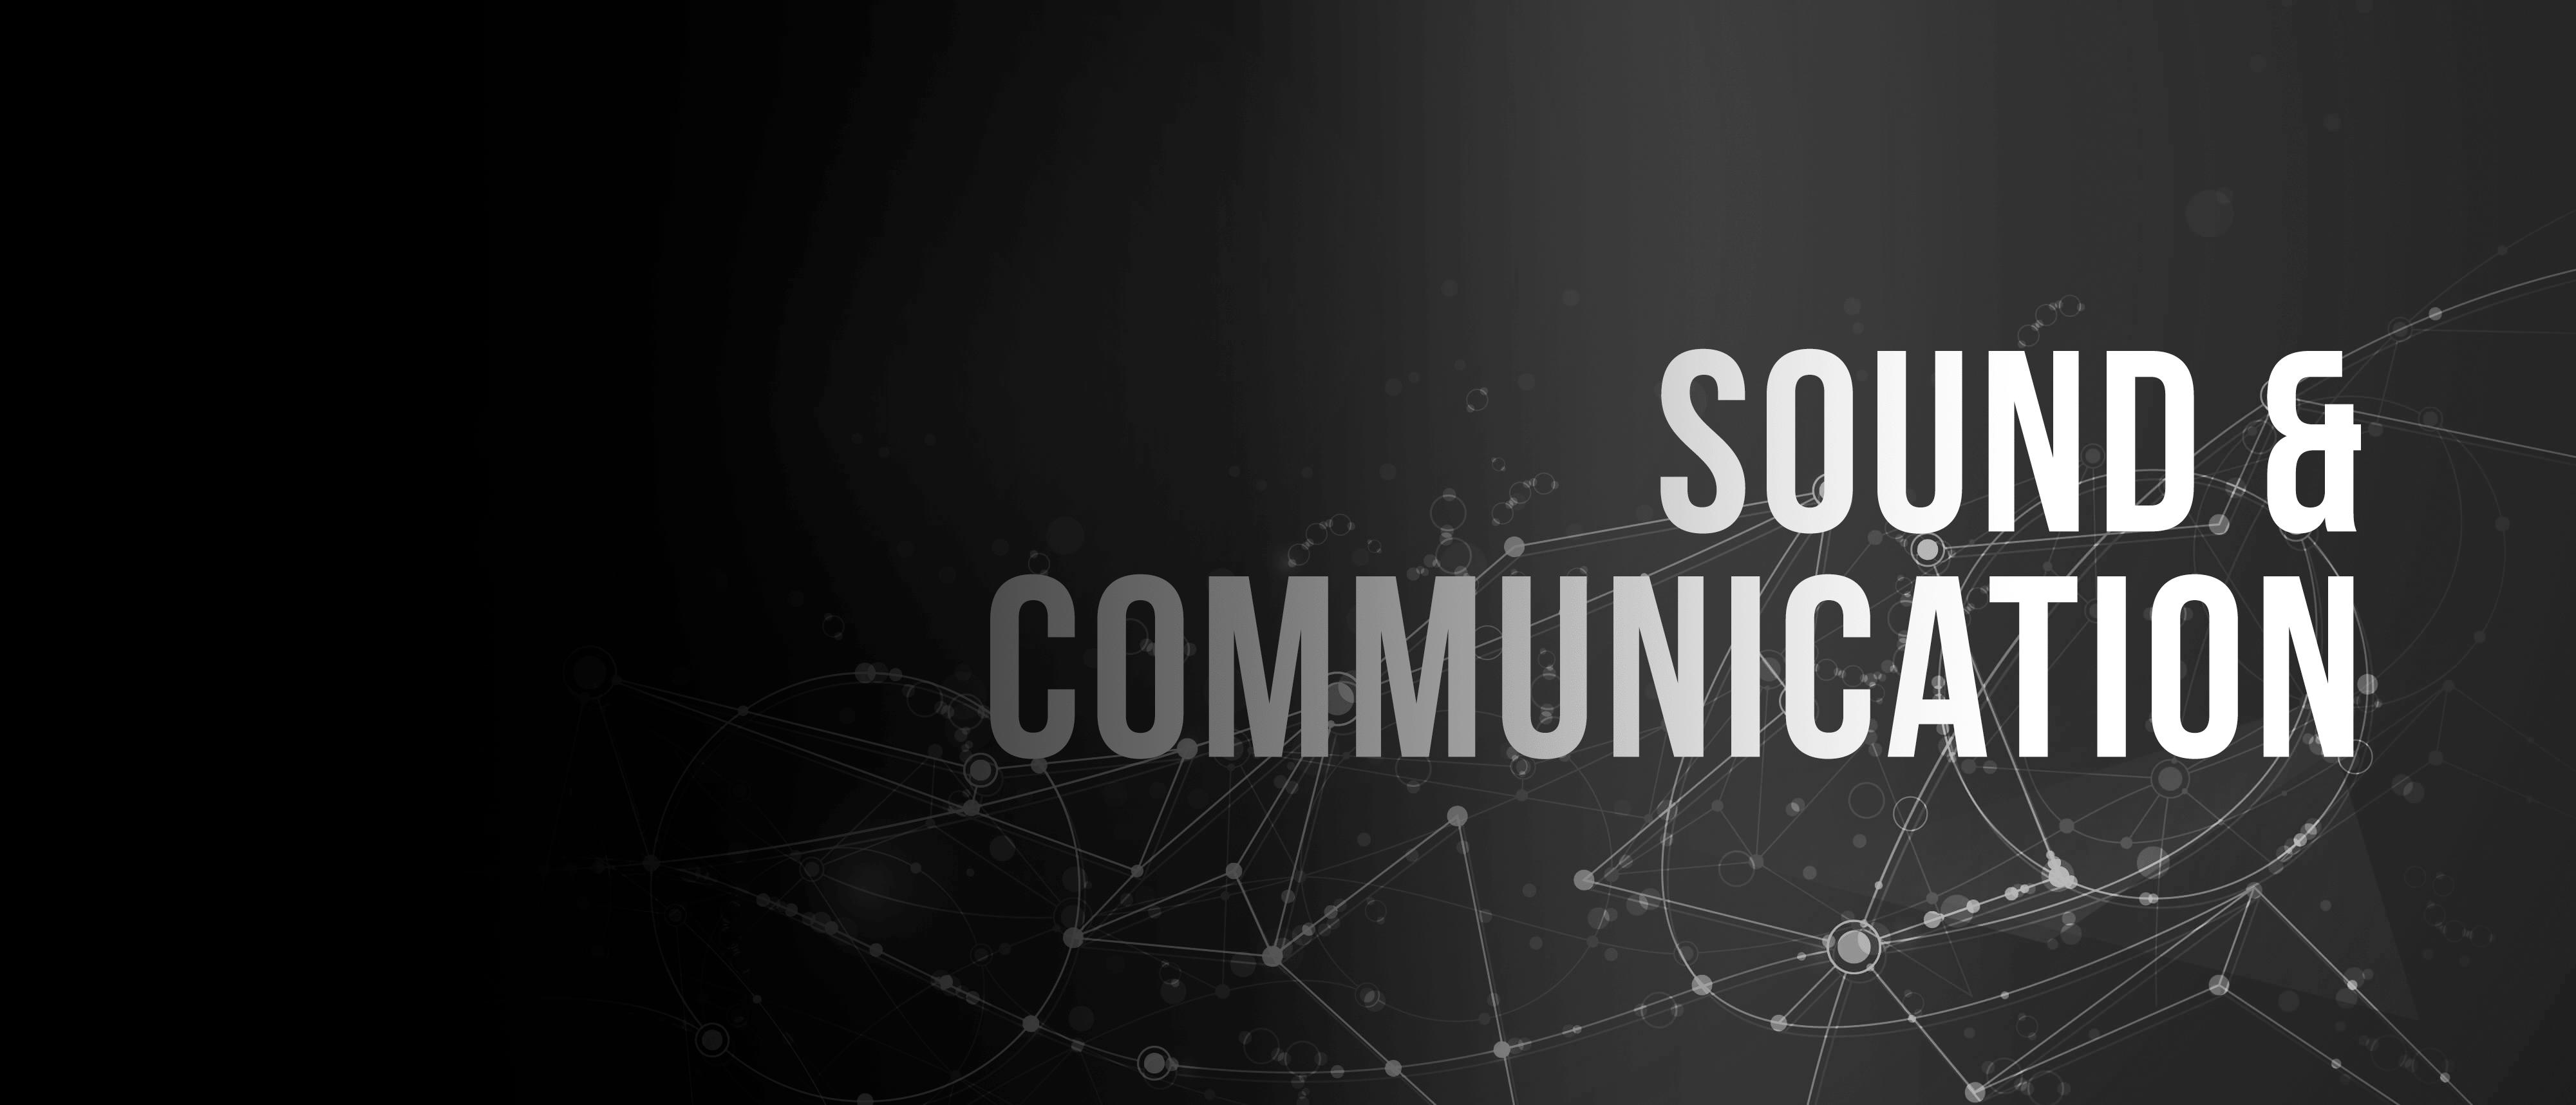 Sound _ Communication-min